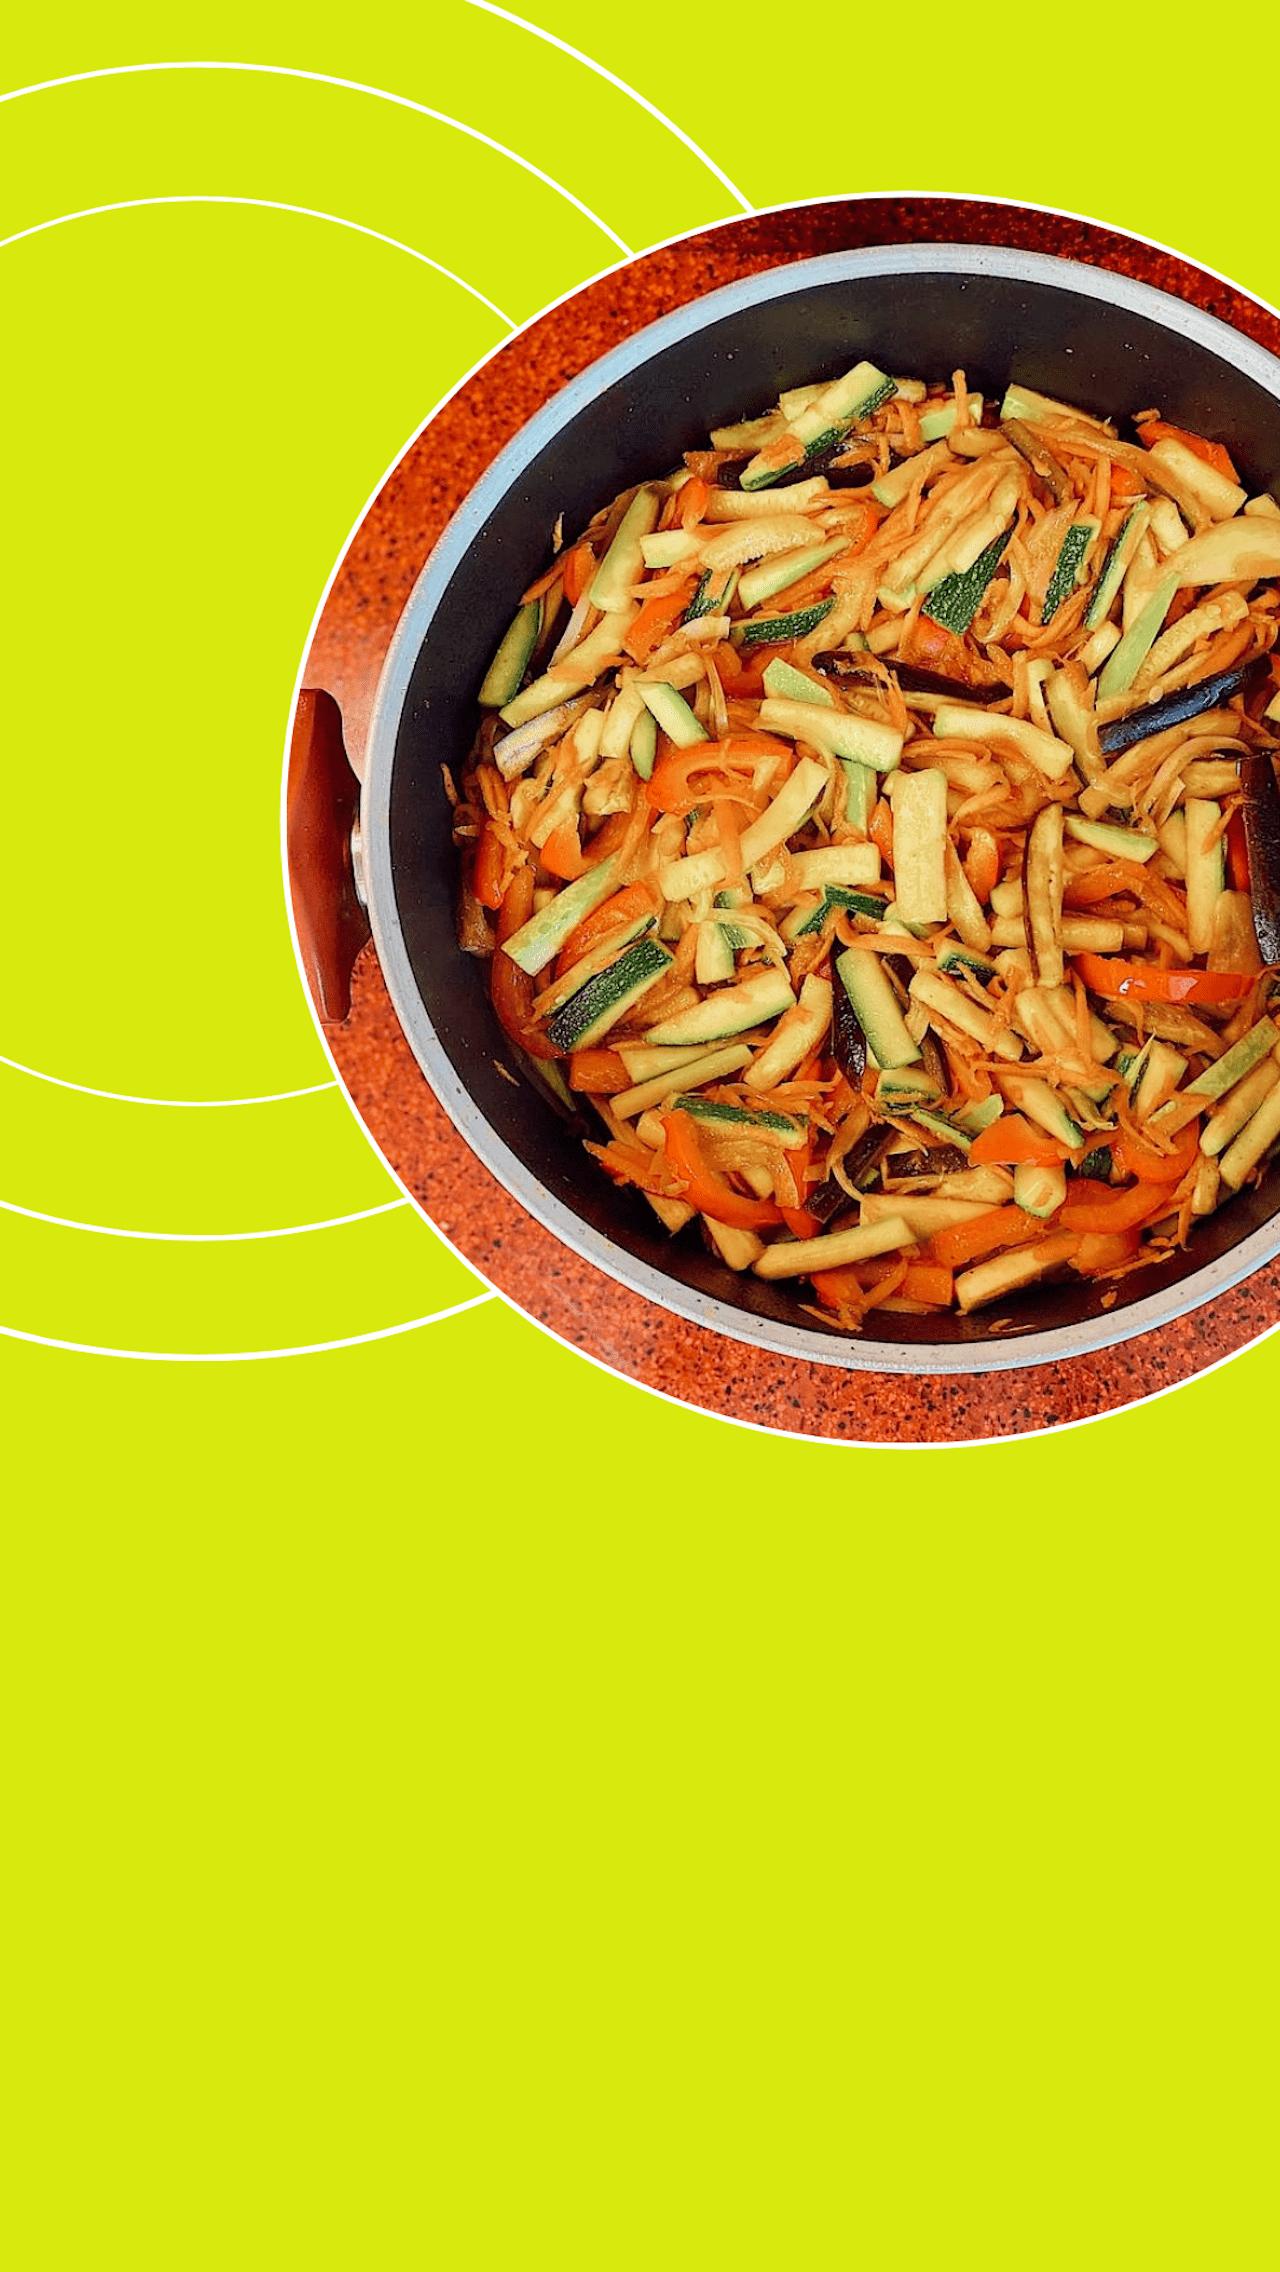 Добавить в сковородку фунчозу, посыпать кунжутом и перемешать. По желанию можно добавить зубчик чеснока и петрушку.